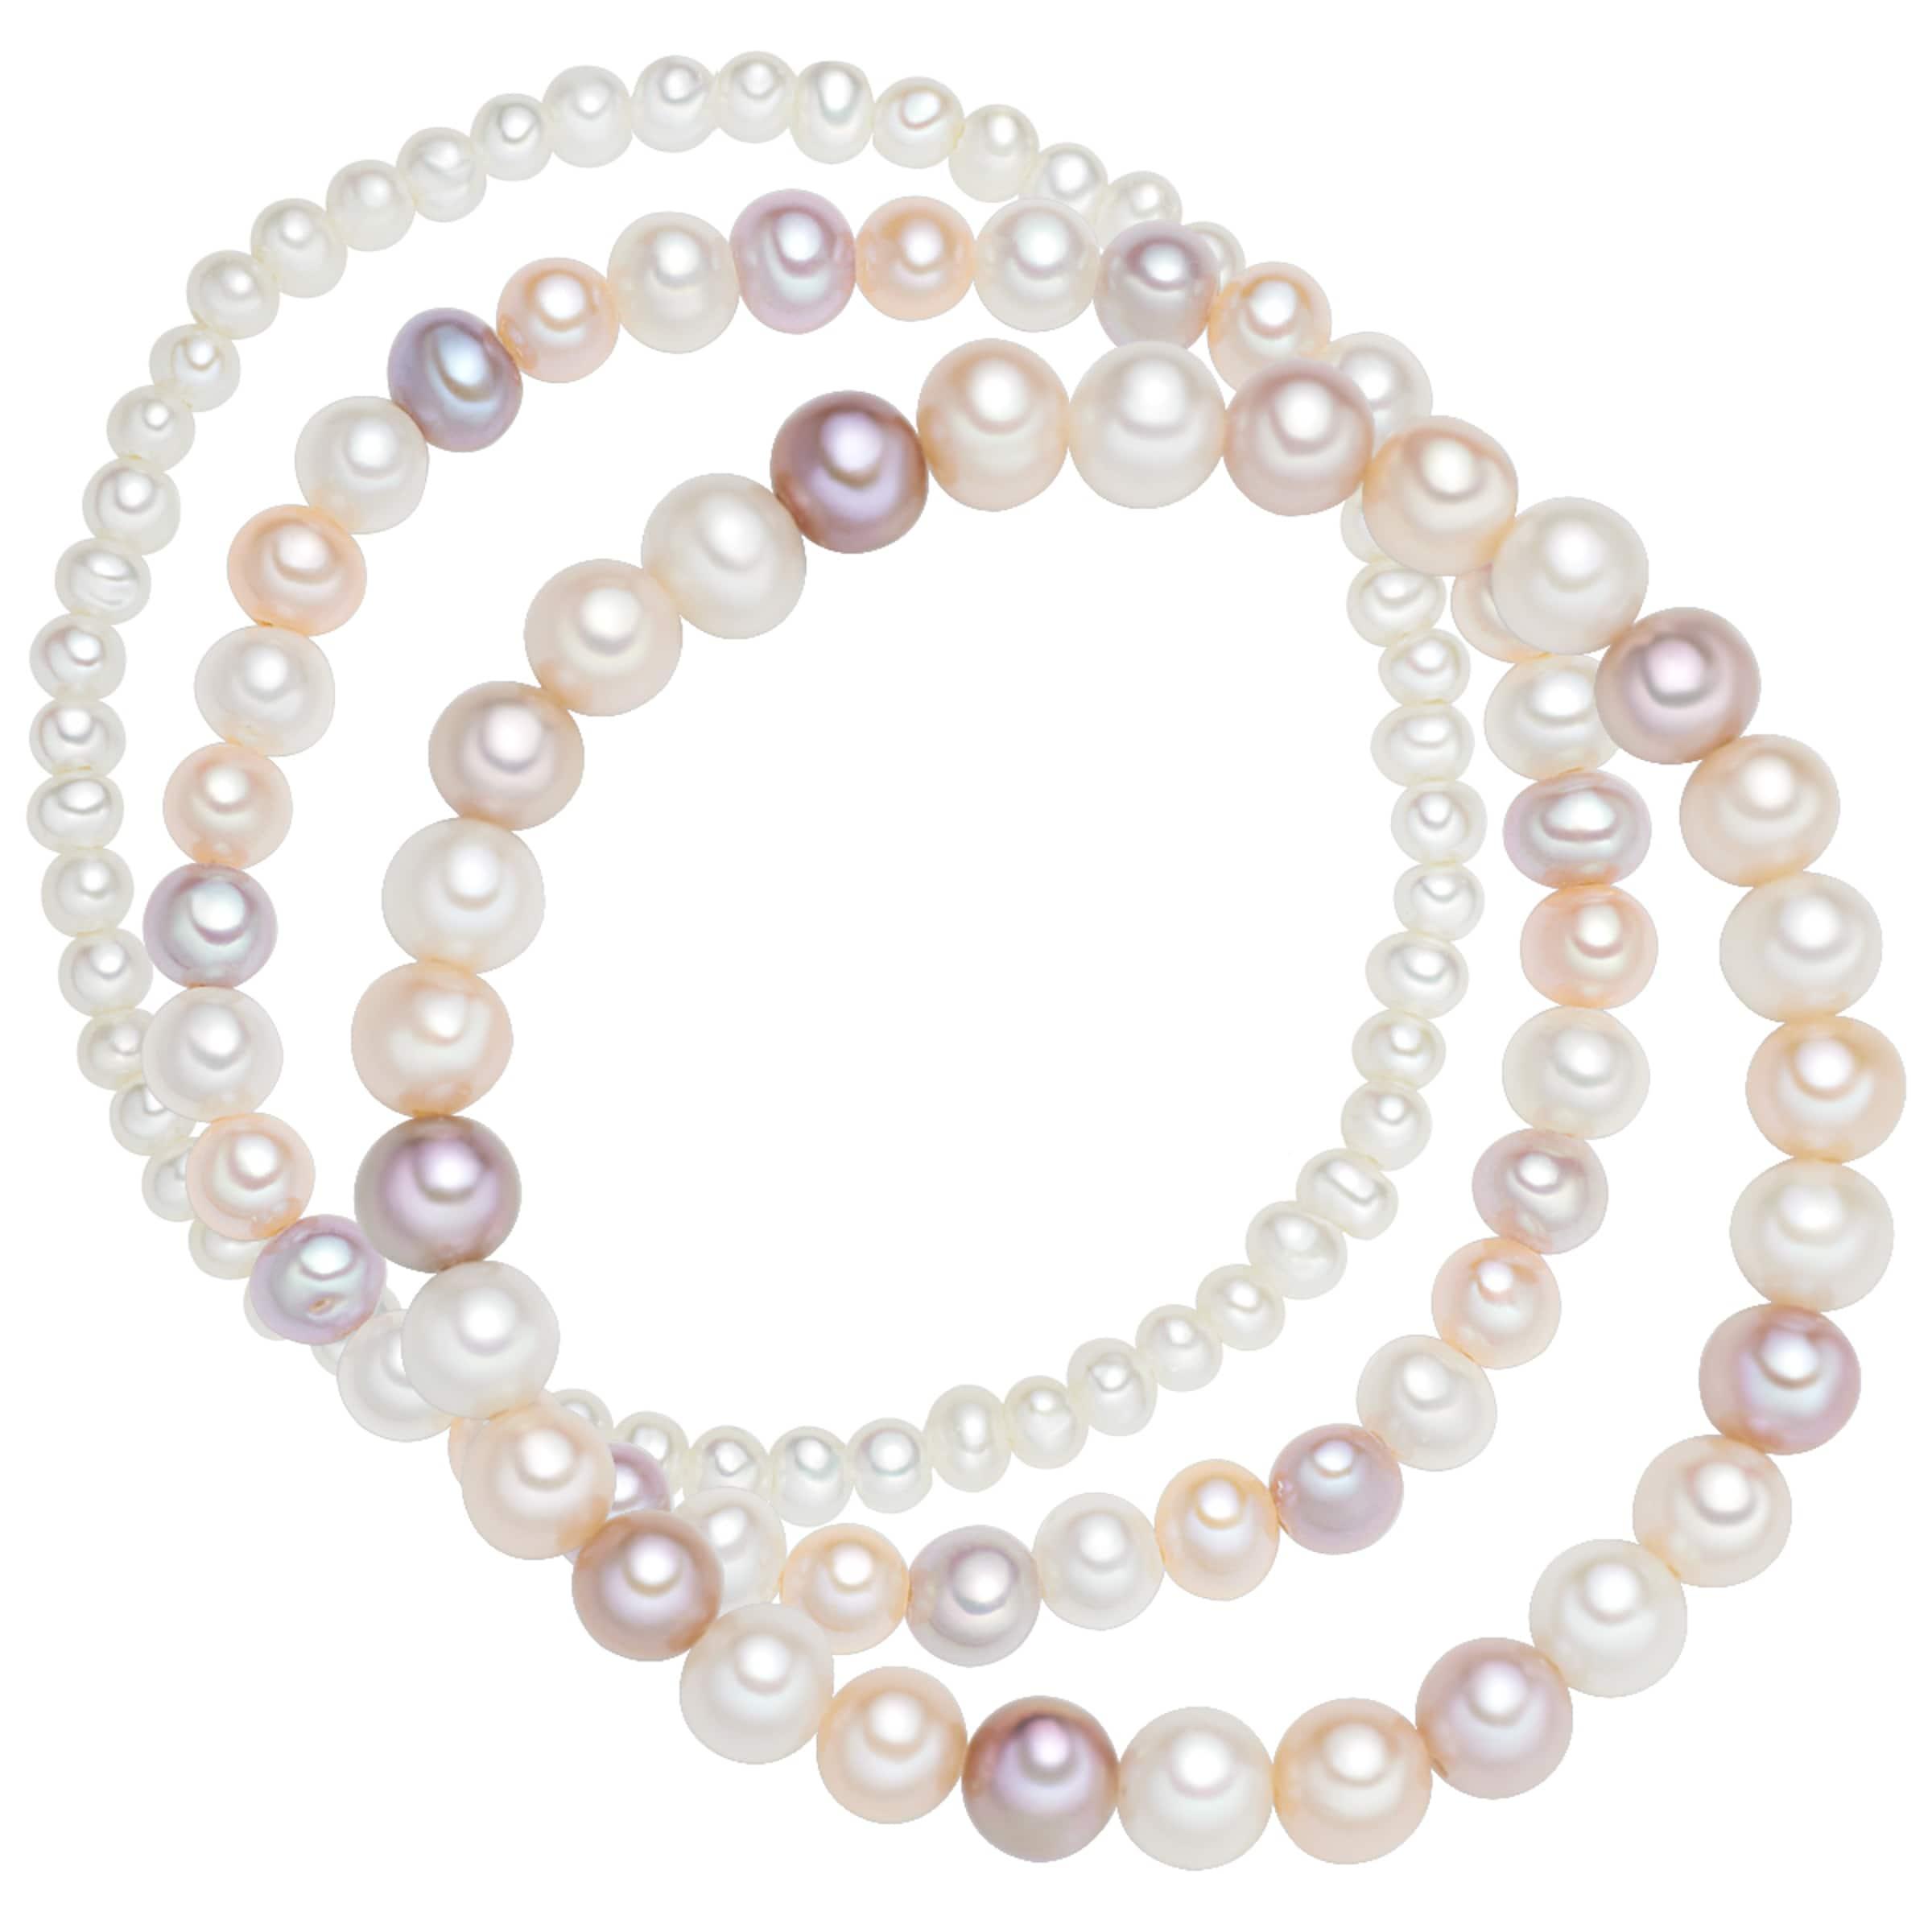 Auslass Bilder Outlet Billige Qualität Valero Pearls Armband 3er-Set mit Perlenbesatz Bestpreis 2018 Neue 3134eOFjB